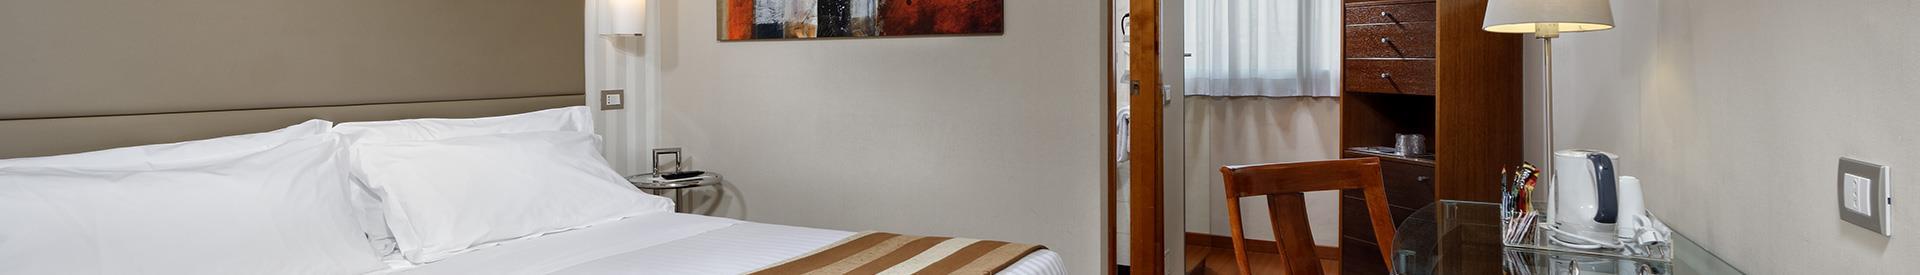 camere singole centro roma - soggiorno a roma - bw hotel ... - Soggiorno Particolare Roma